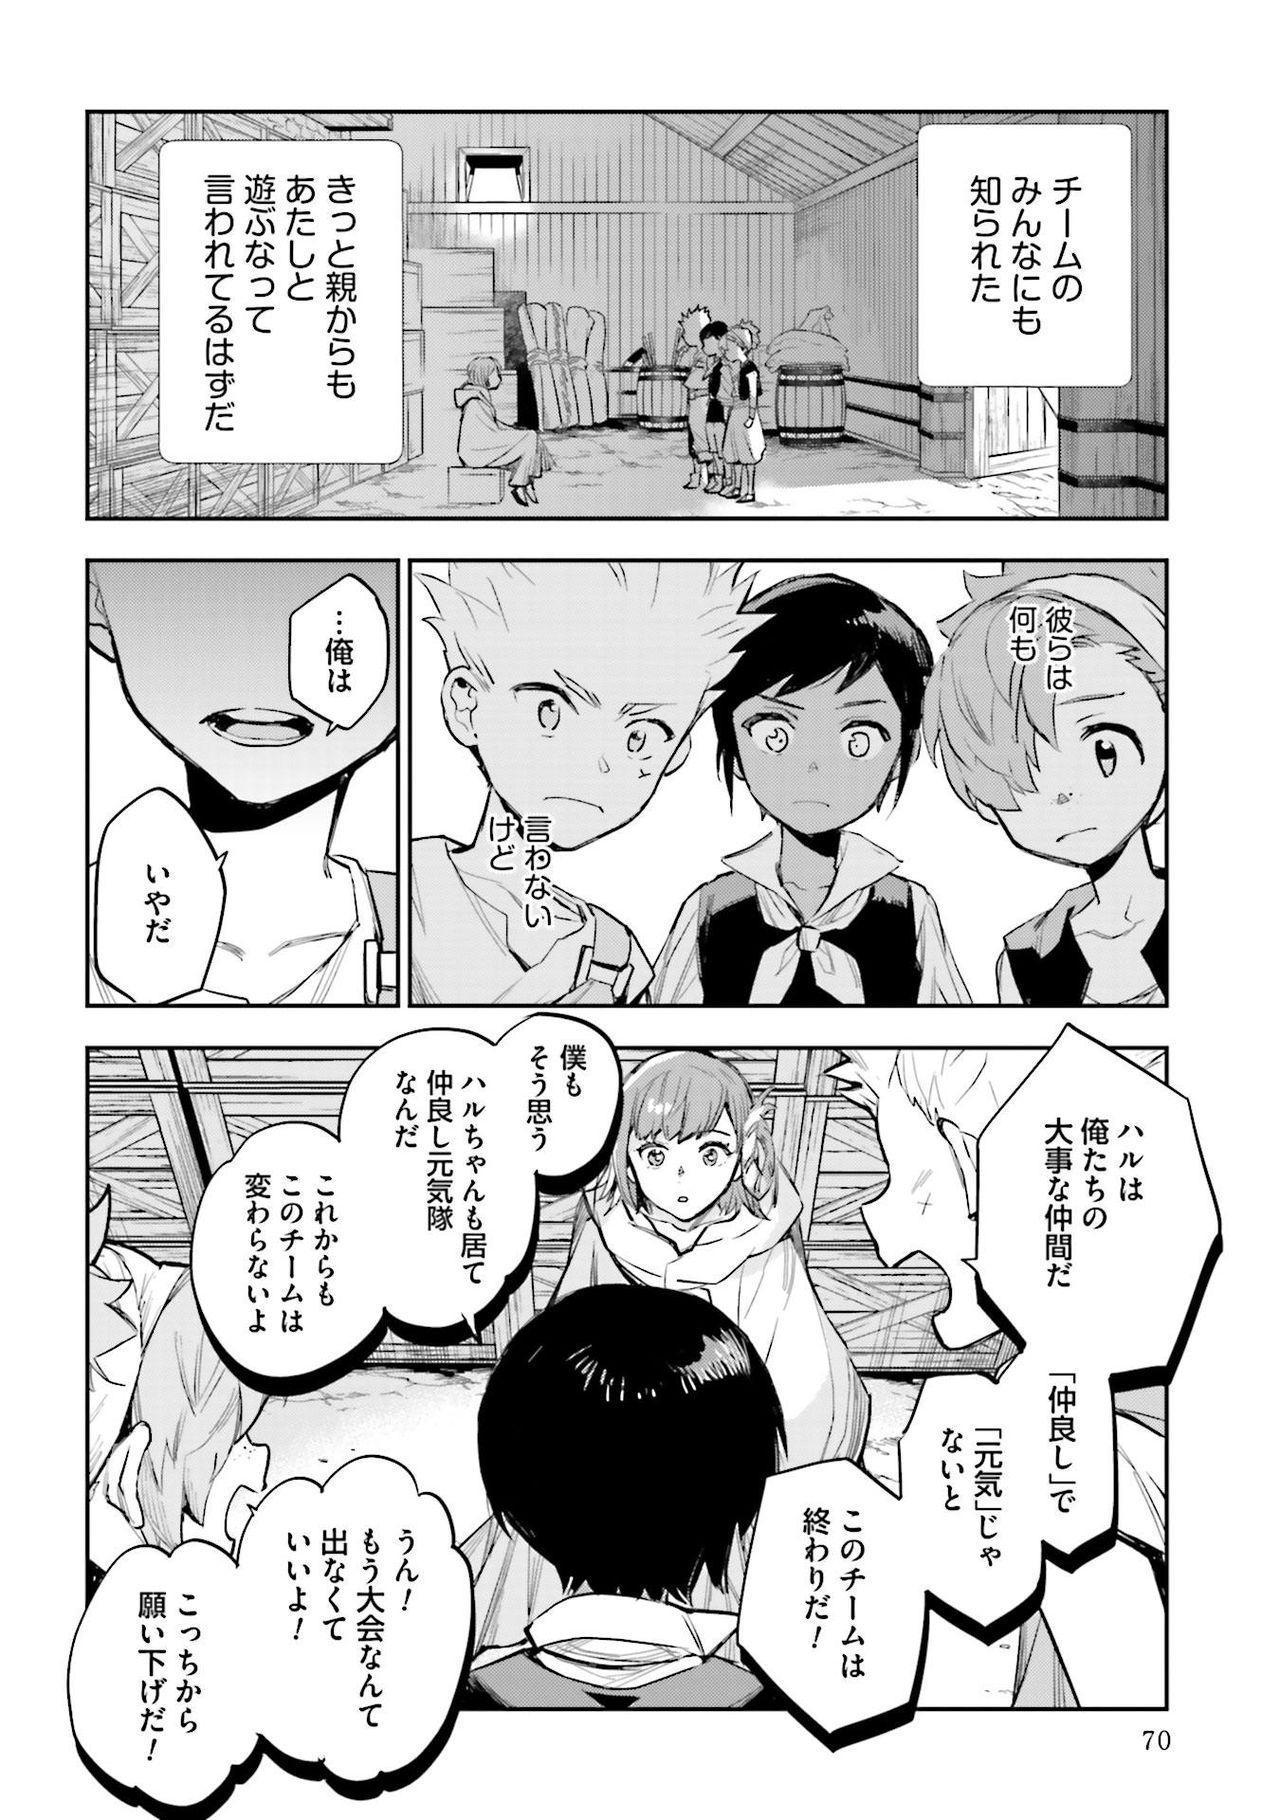 JK Haru wa Isekai de Shoufu ni Natta 1-14 429